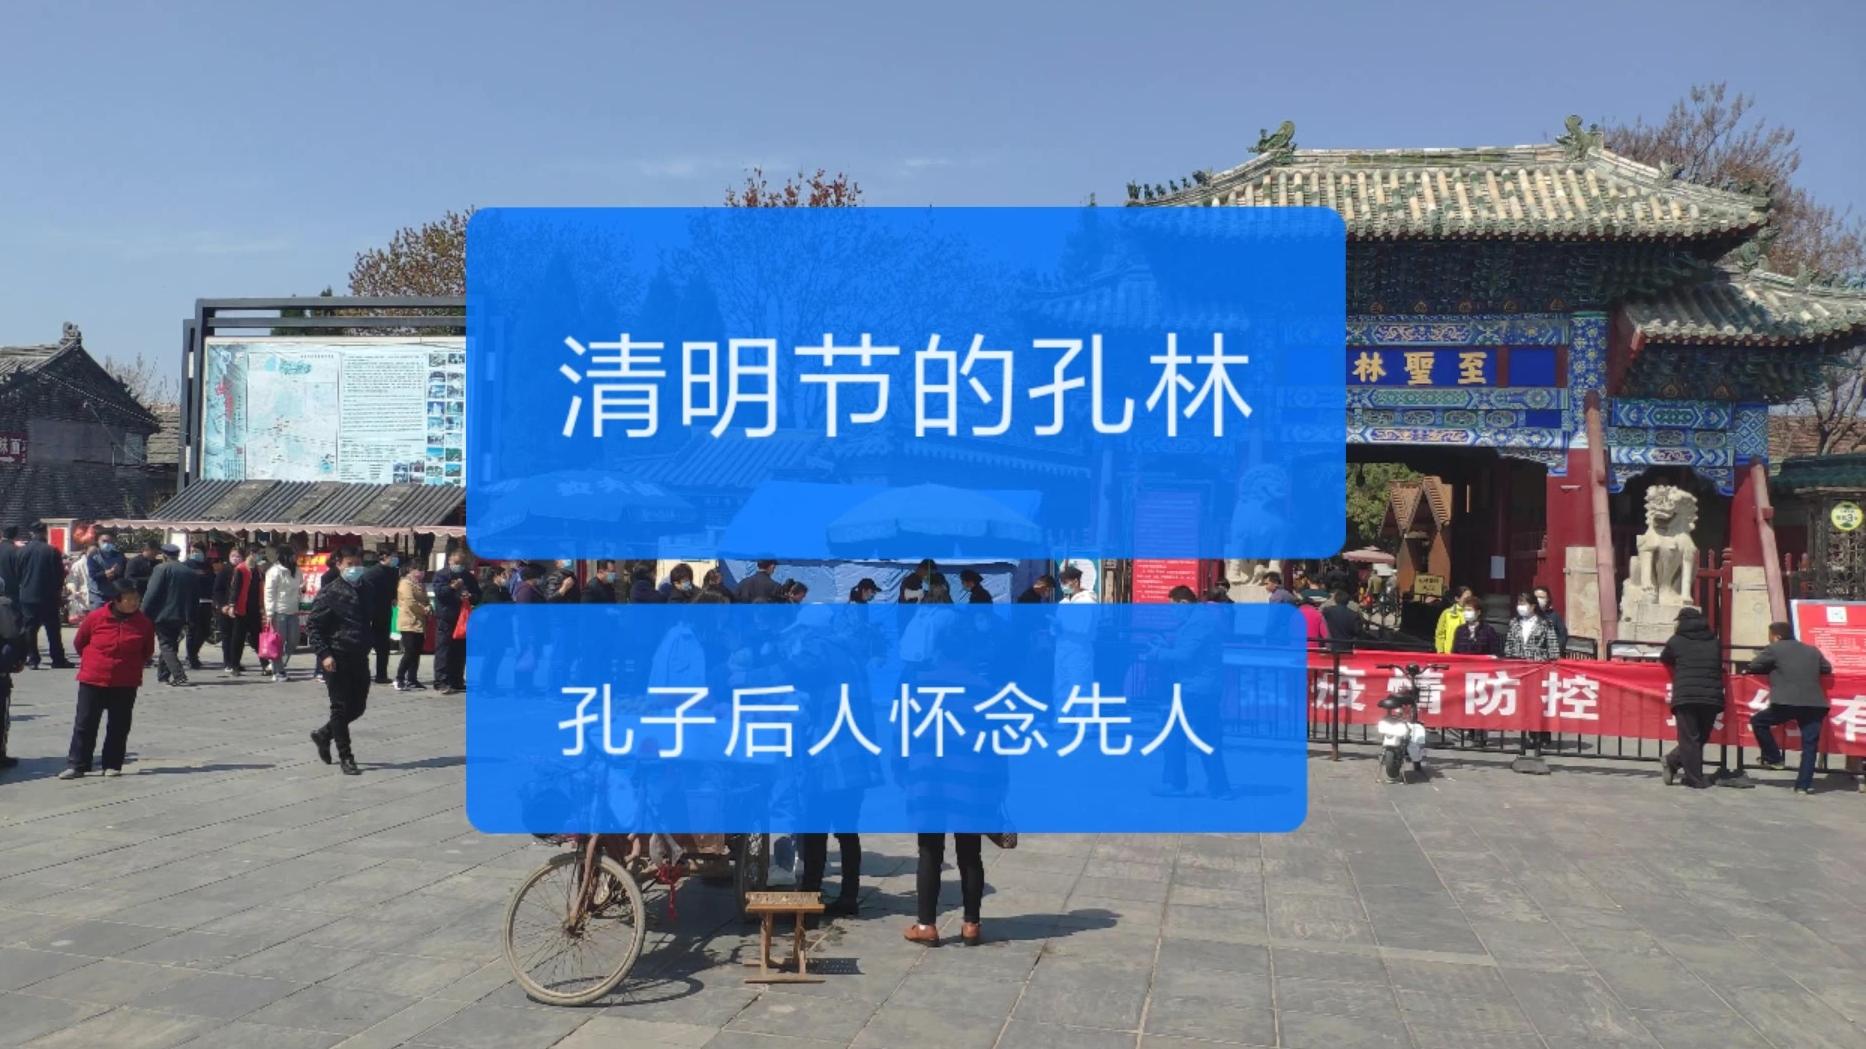 清明节农村小伙实拍孔林,人们排队安检消毒进入最大墓地孔林祭祖